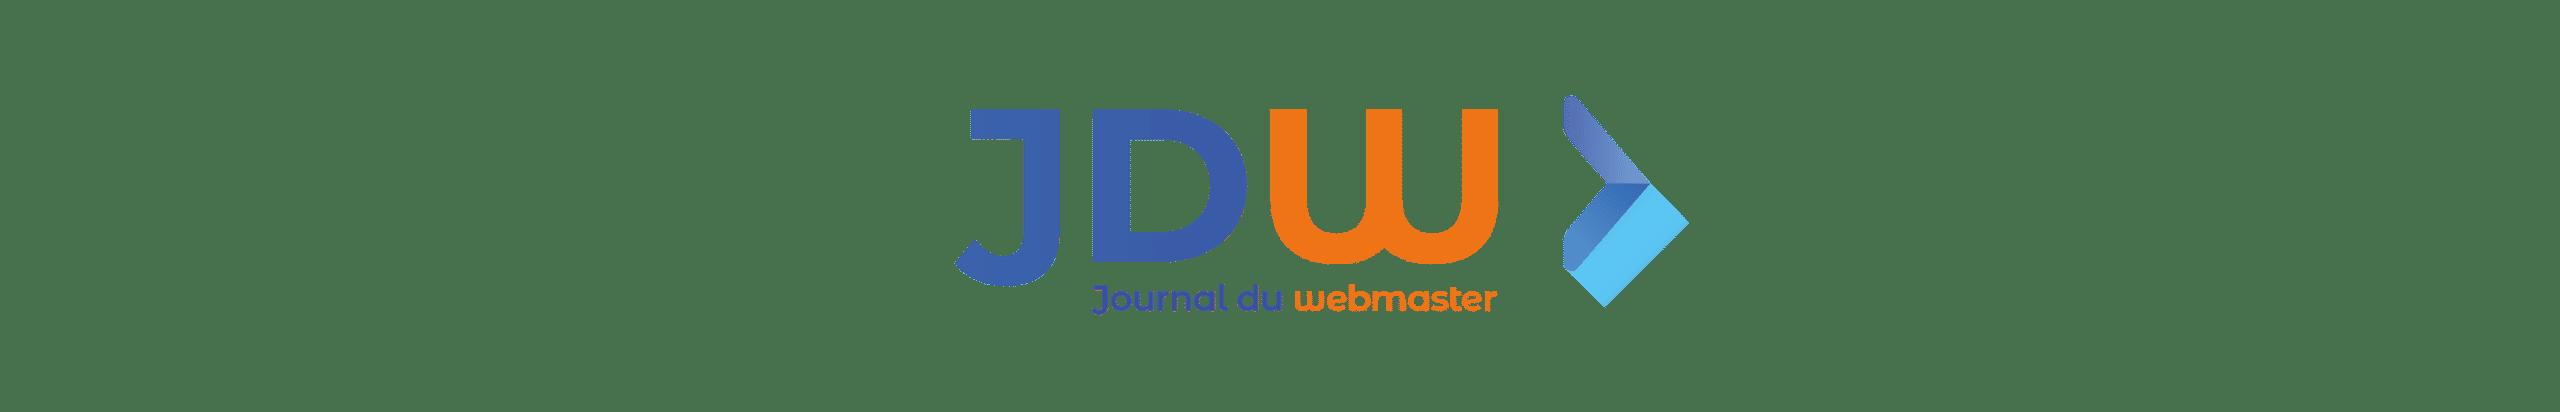 Journal du Webmaster